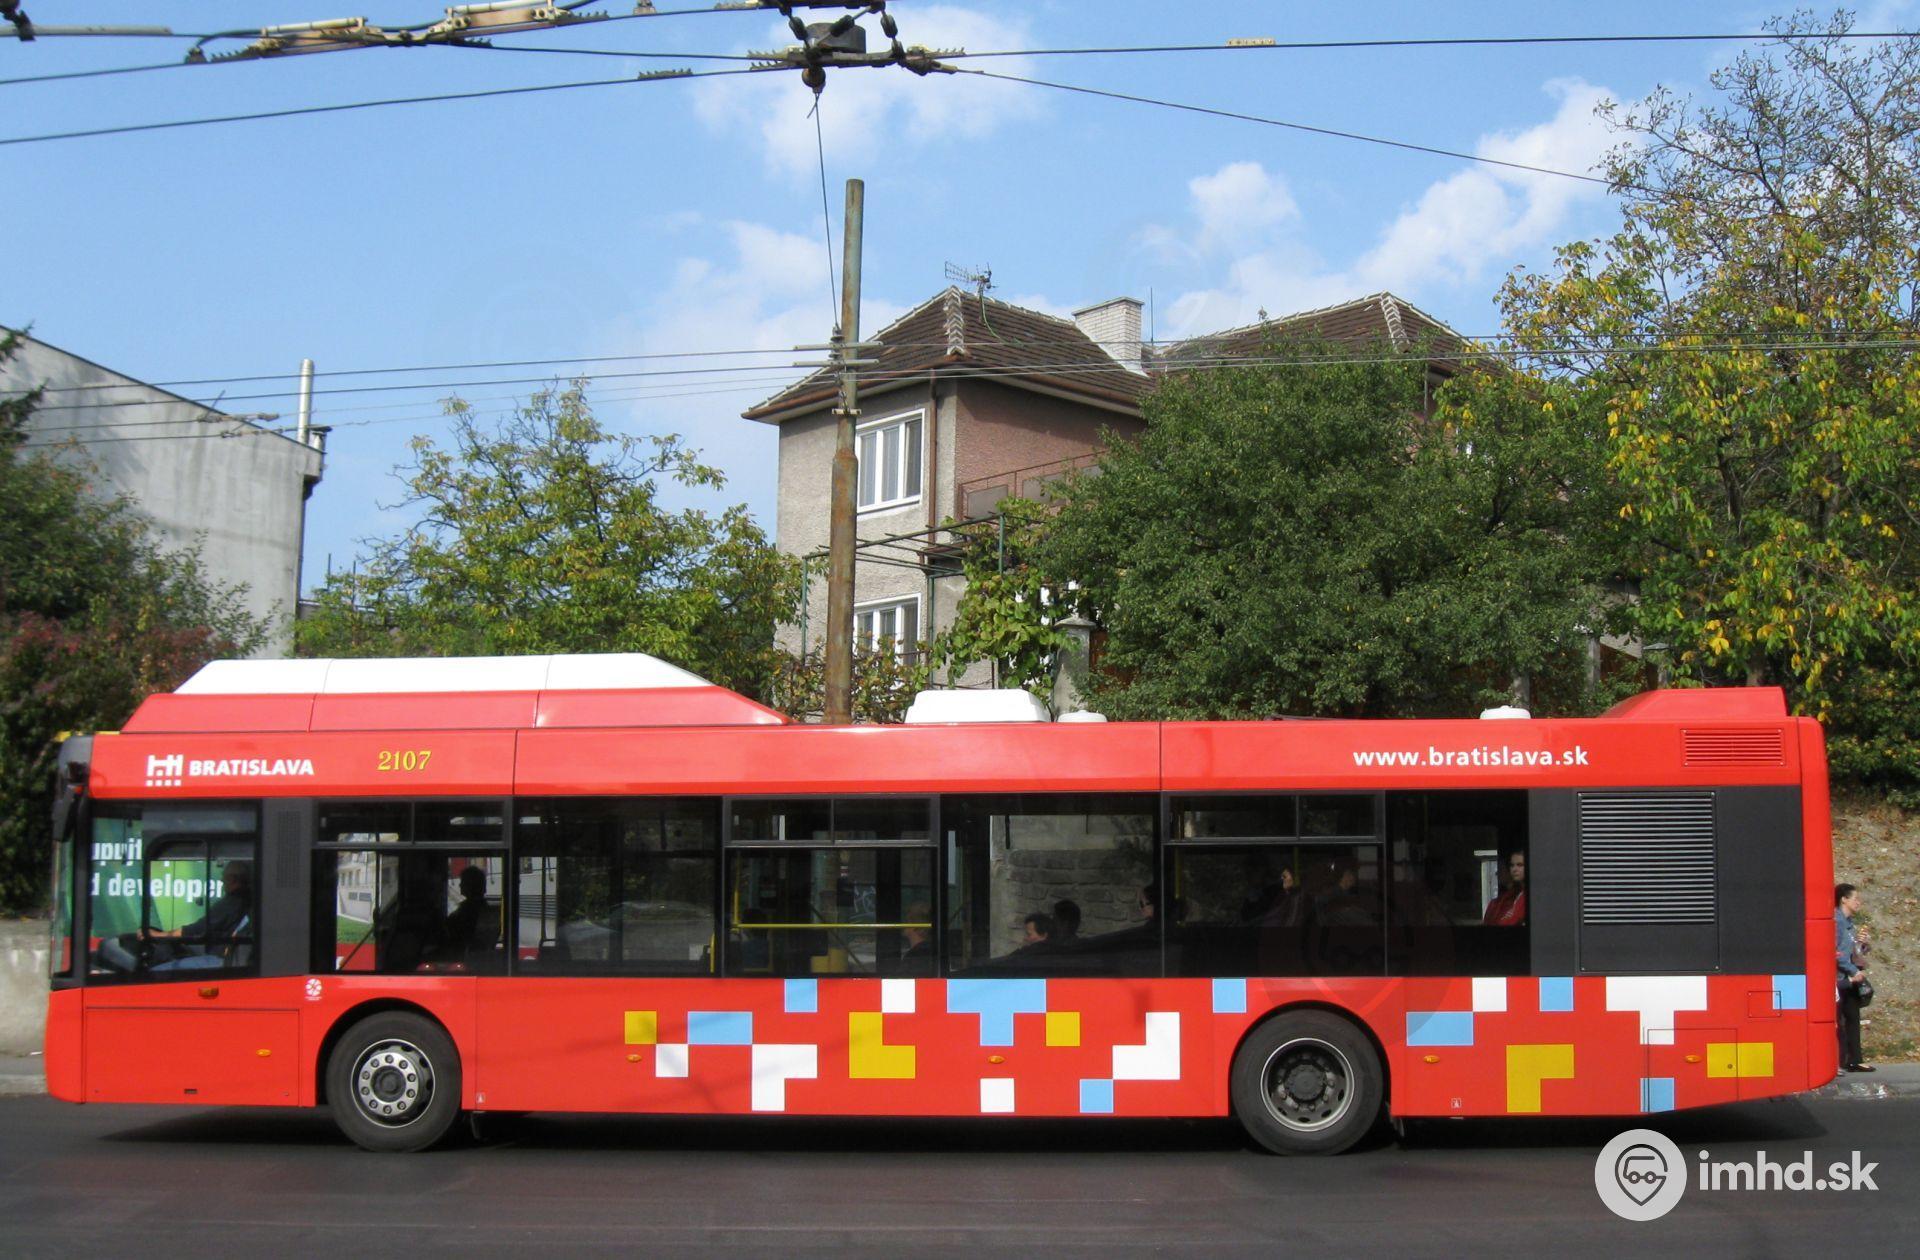 veľké bussy.com